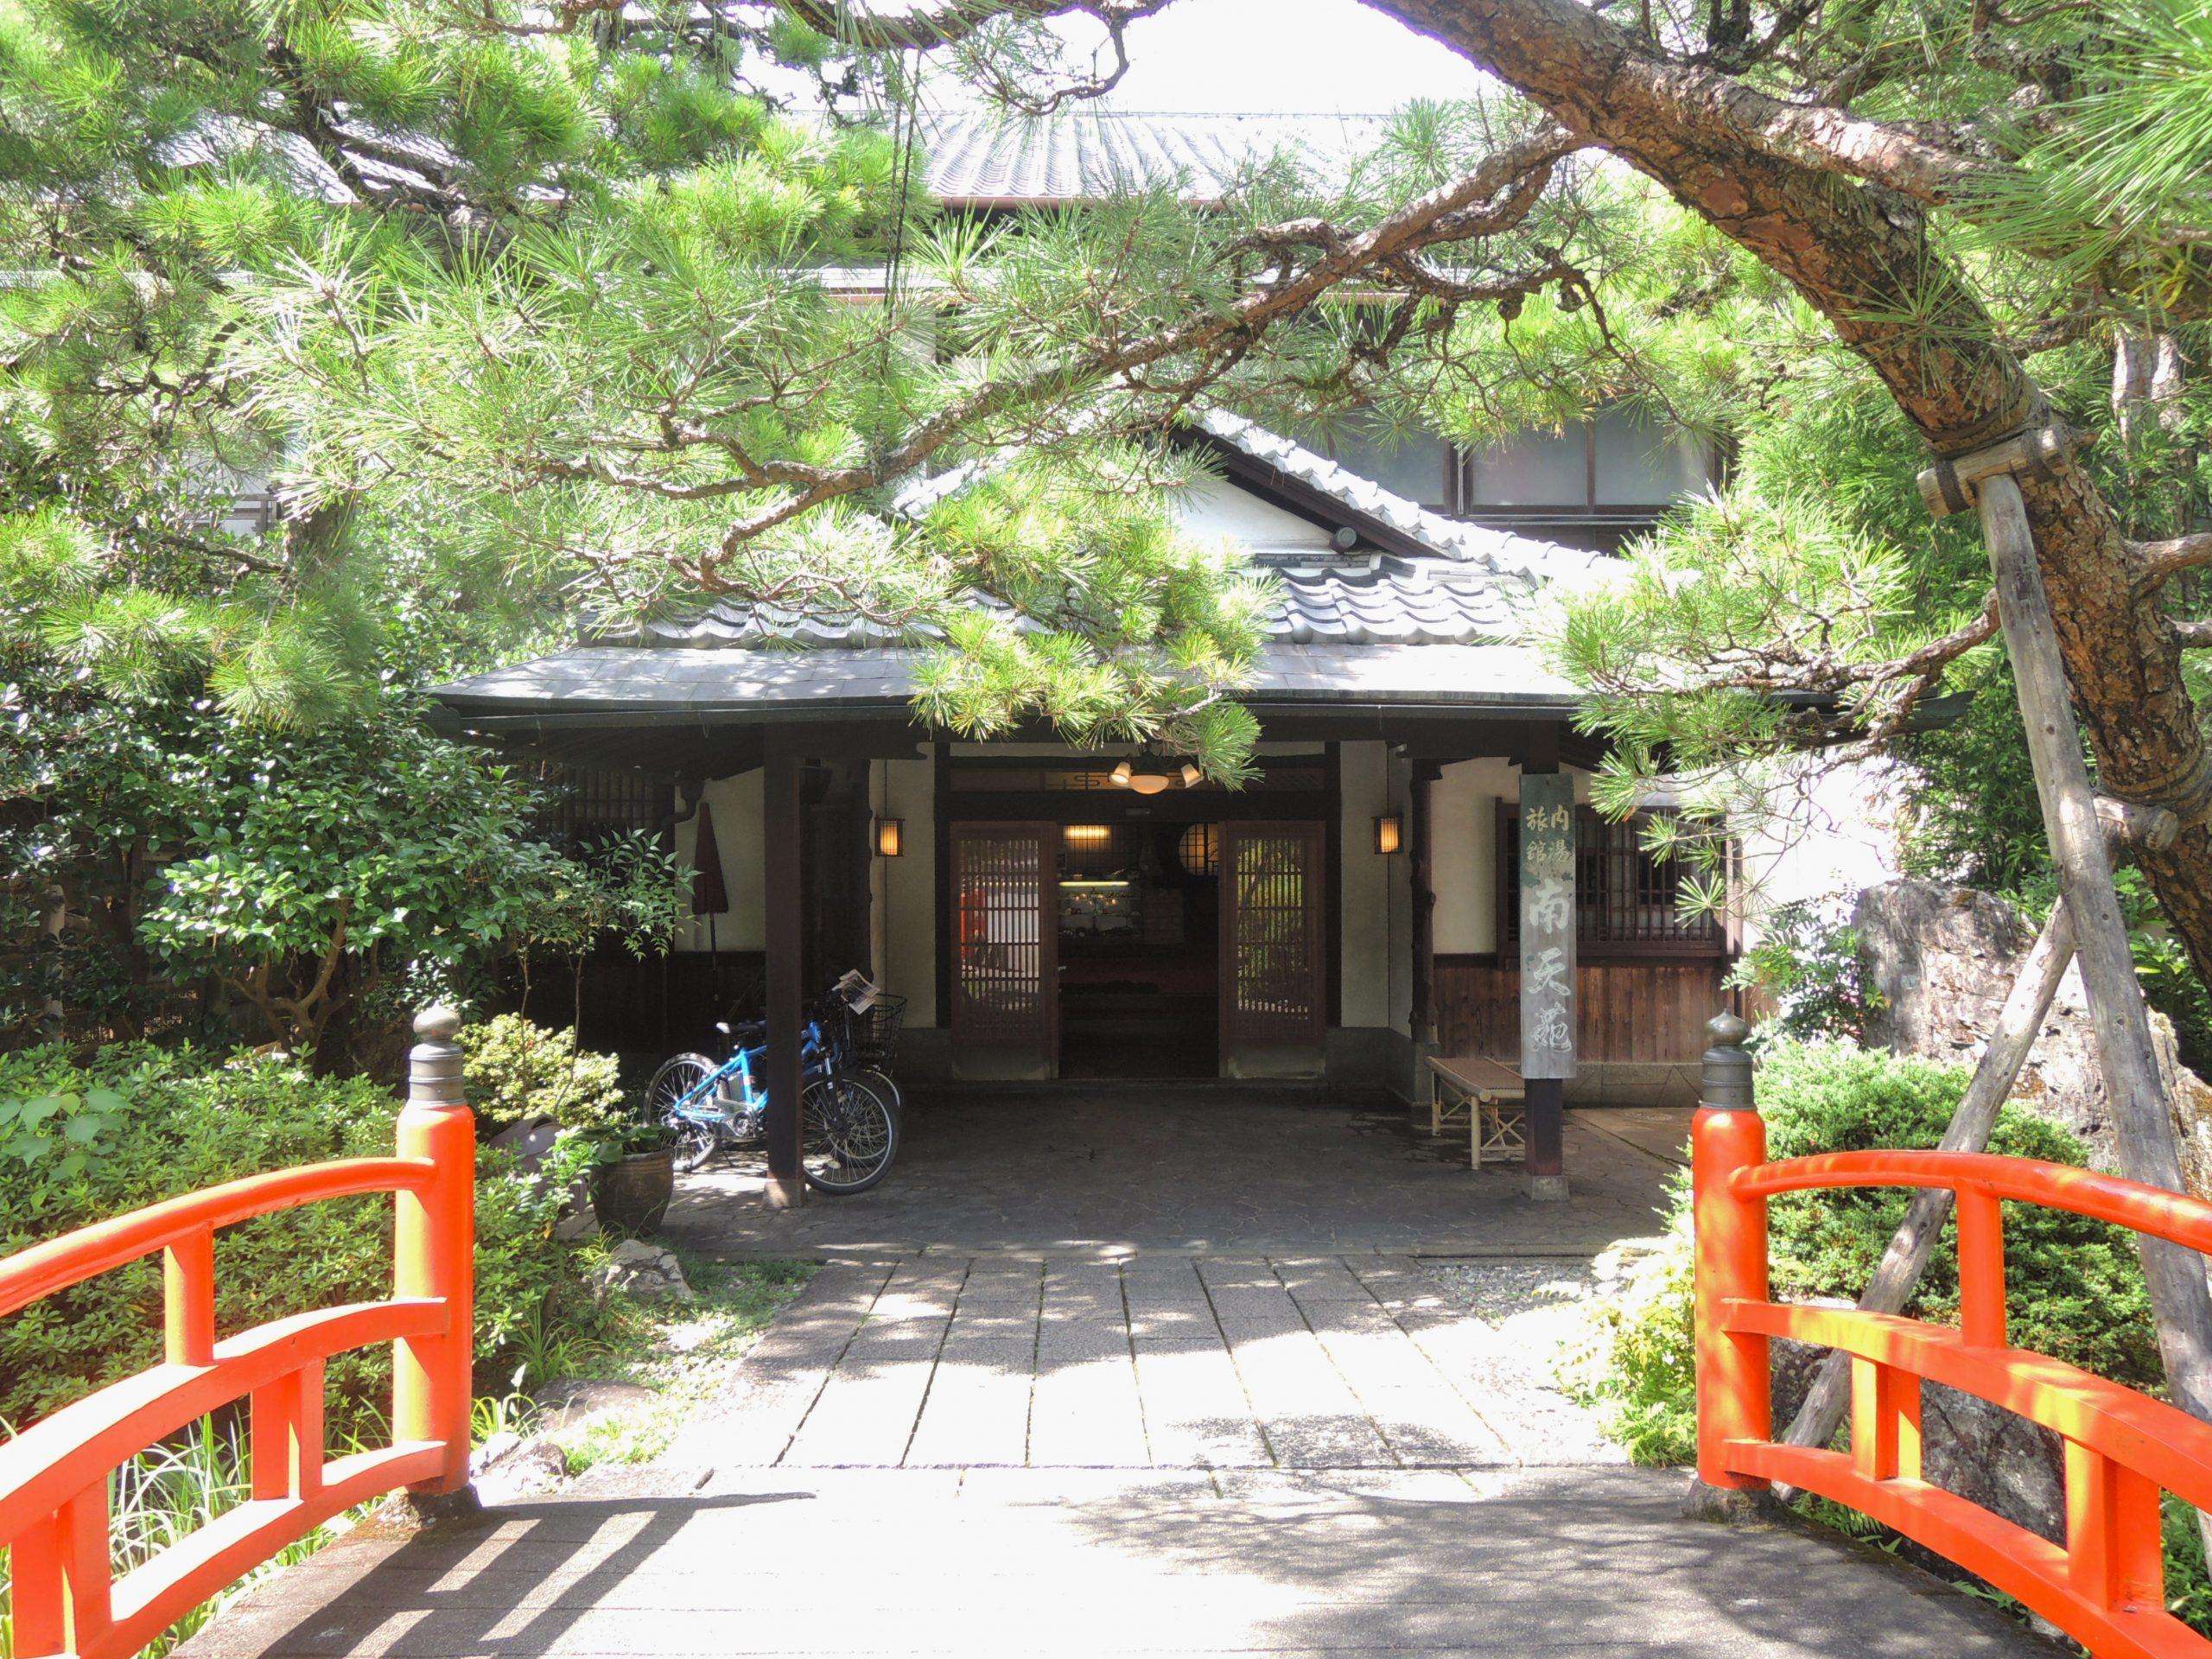 <p>赤い欄干の太鼓橋と正面玄関</p>1階南面のほぼ中央に玄関及びホールを置く。『家族湯』当時の細部に渡る数奇屋意匠は随所に残る。